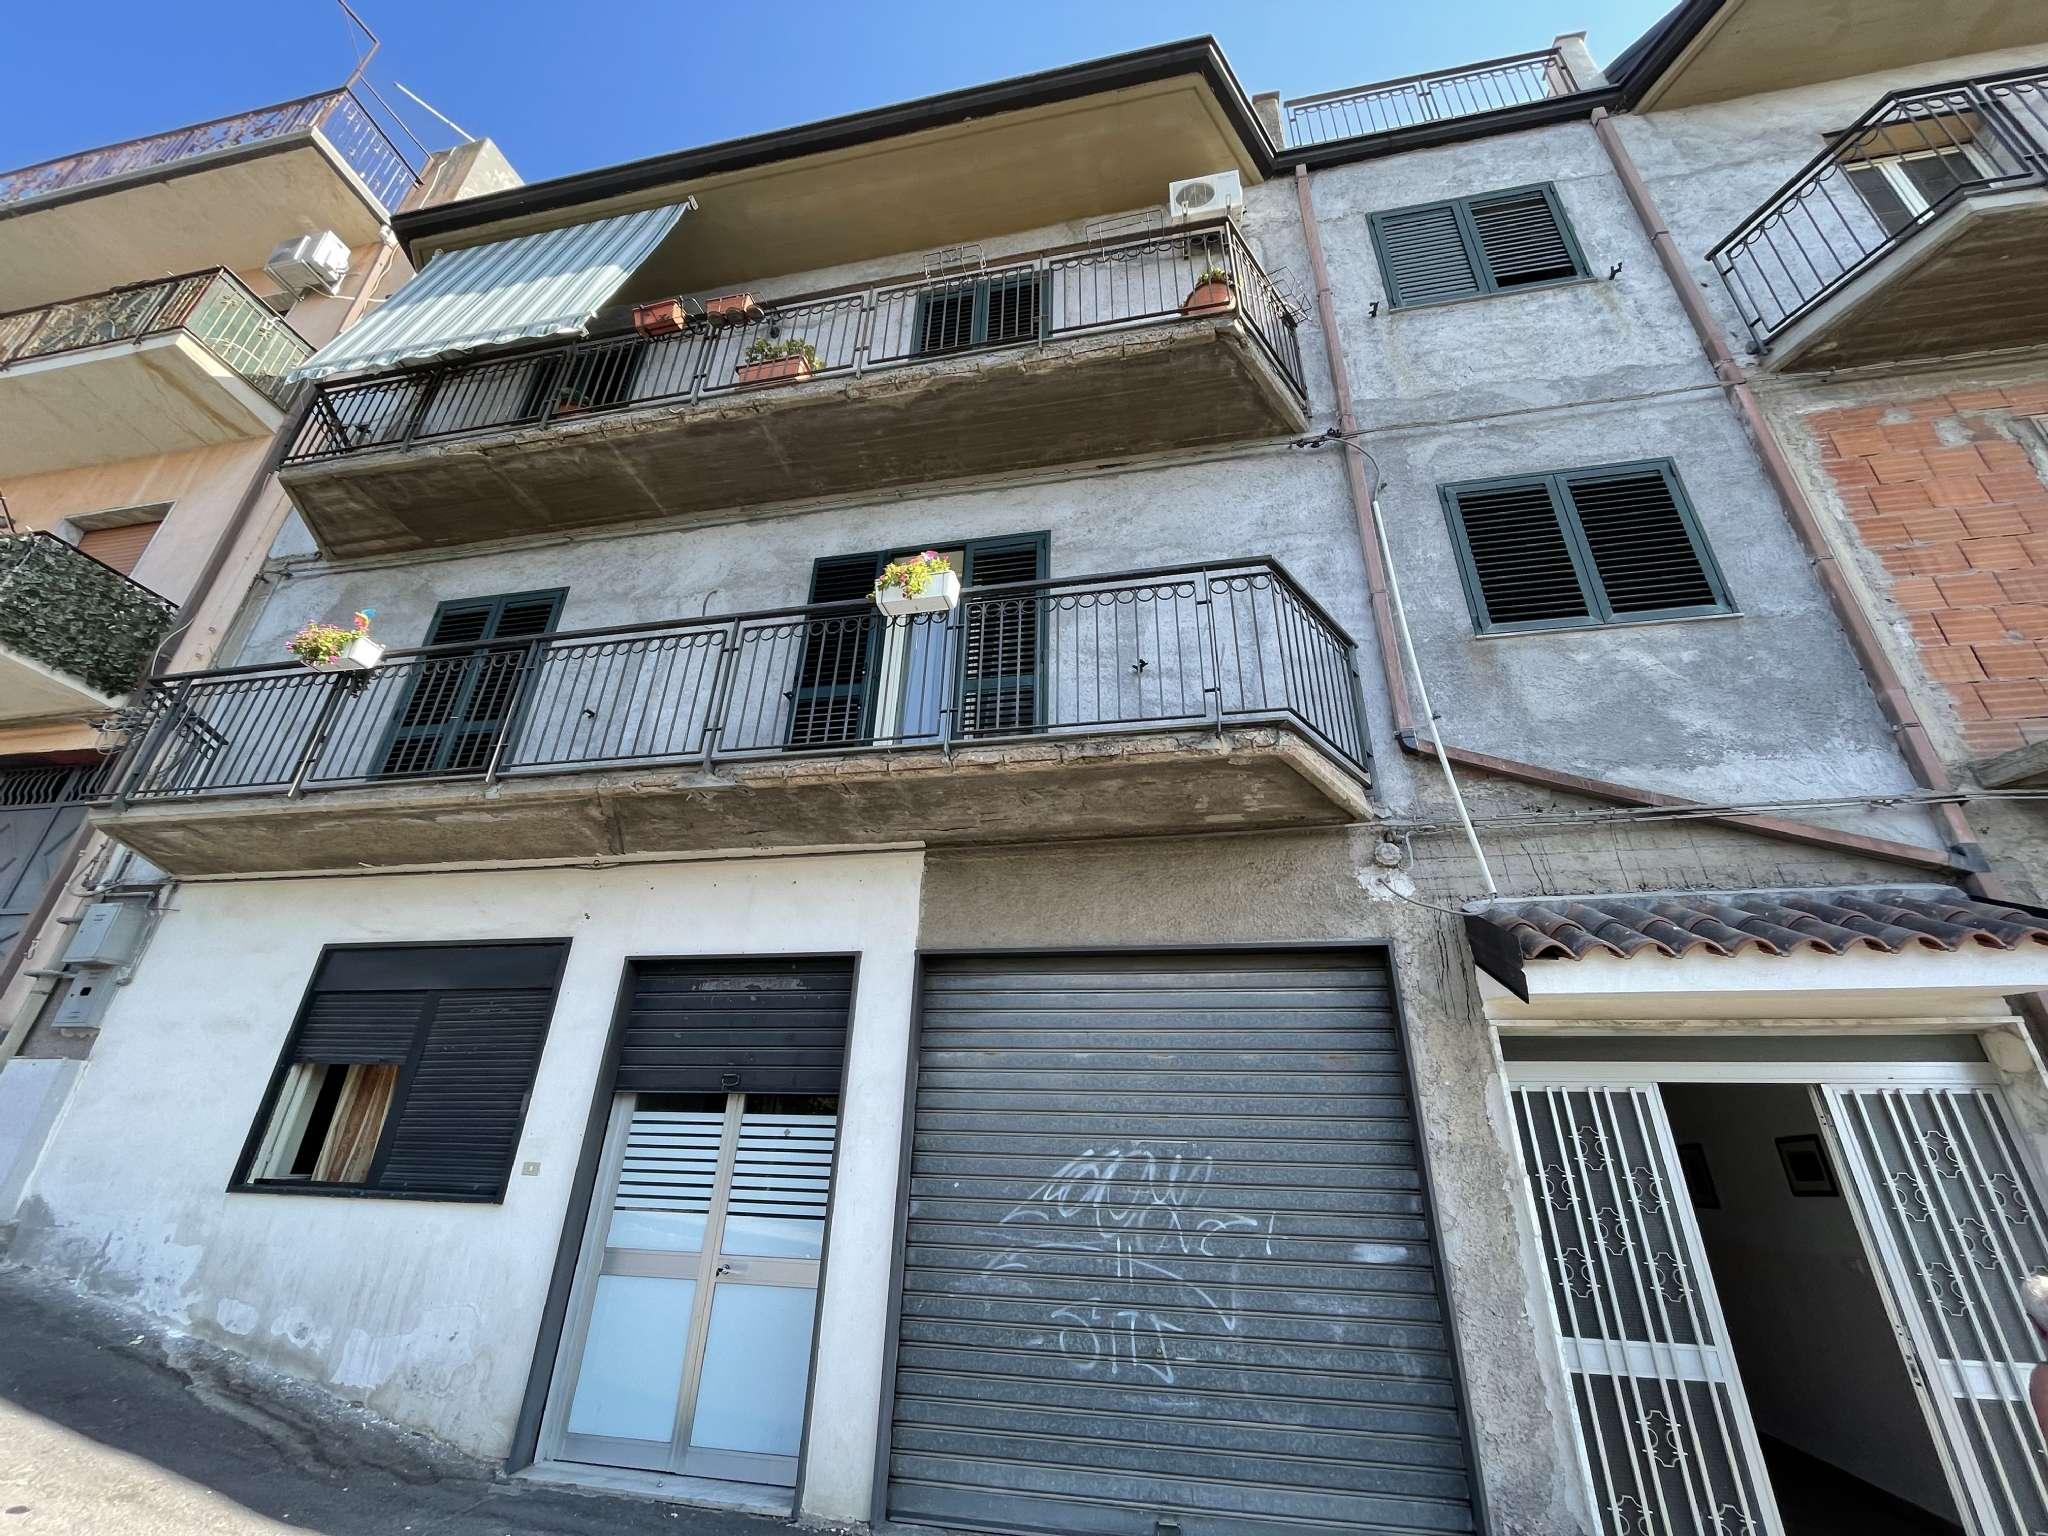 Appartamento in vendita a Santa Maria di Licodia, 6 locali, prezzo € 89.000   PortaleAgenzieImmobiliari.it